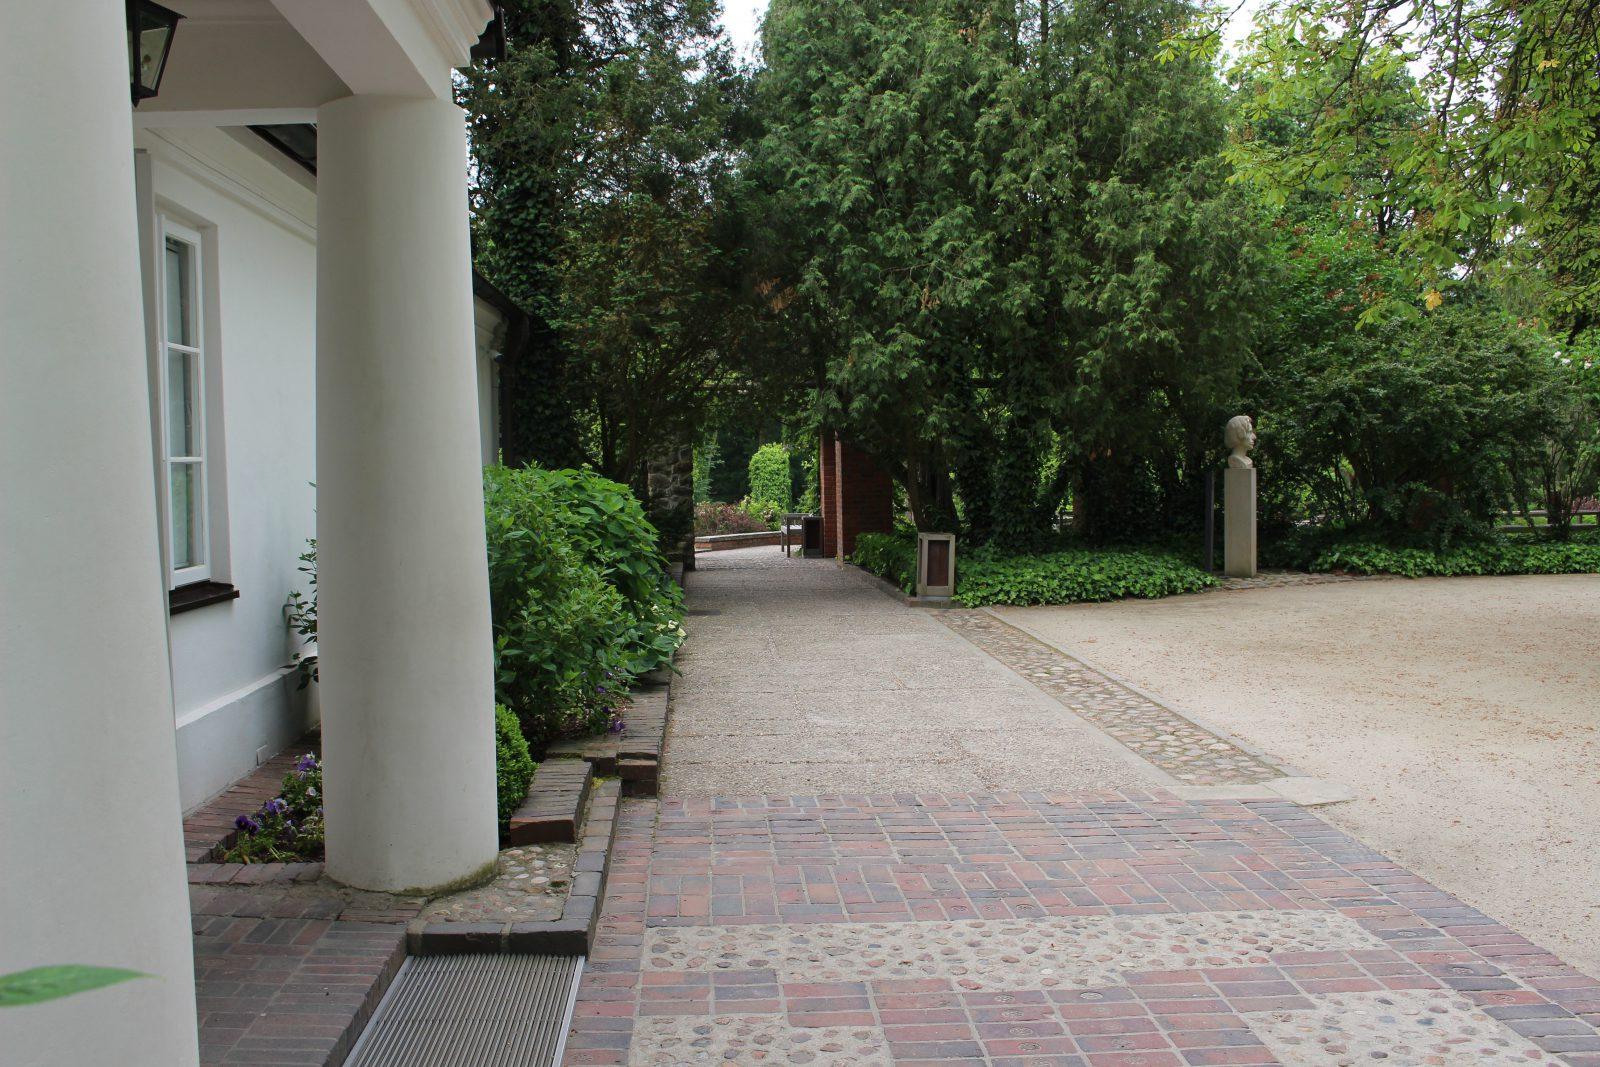 Zelazowa Wola maison natale de chopin - extérieur